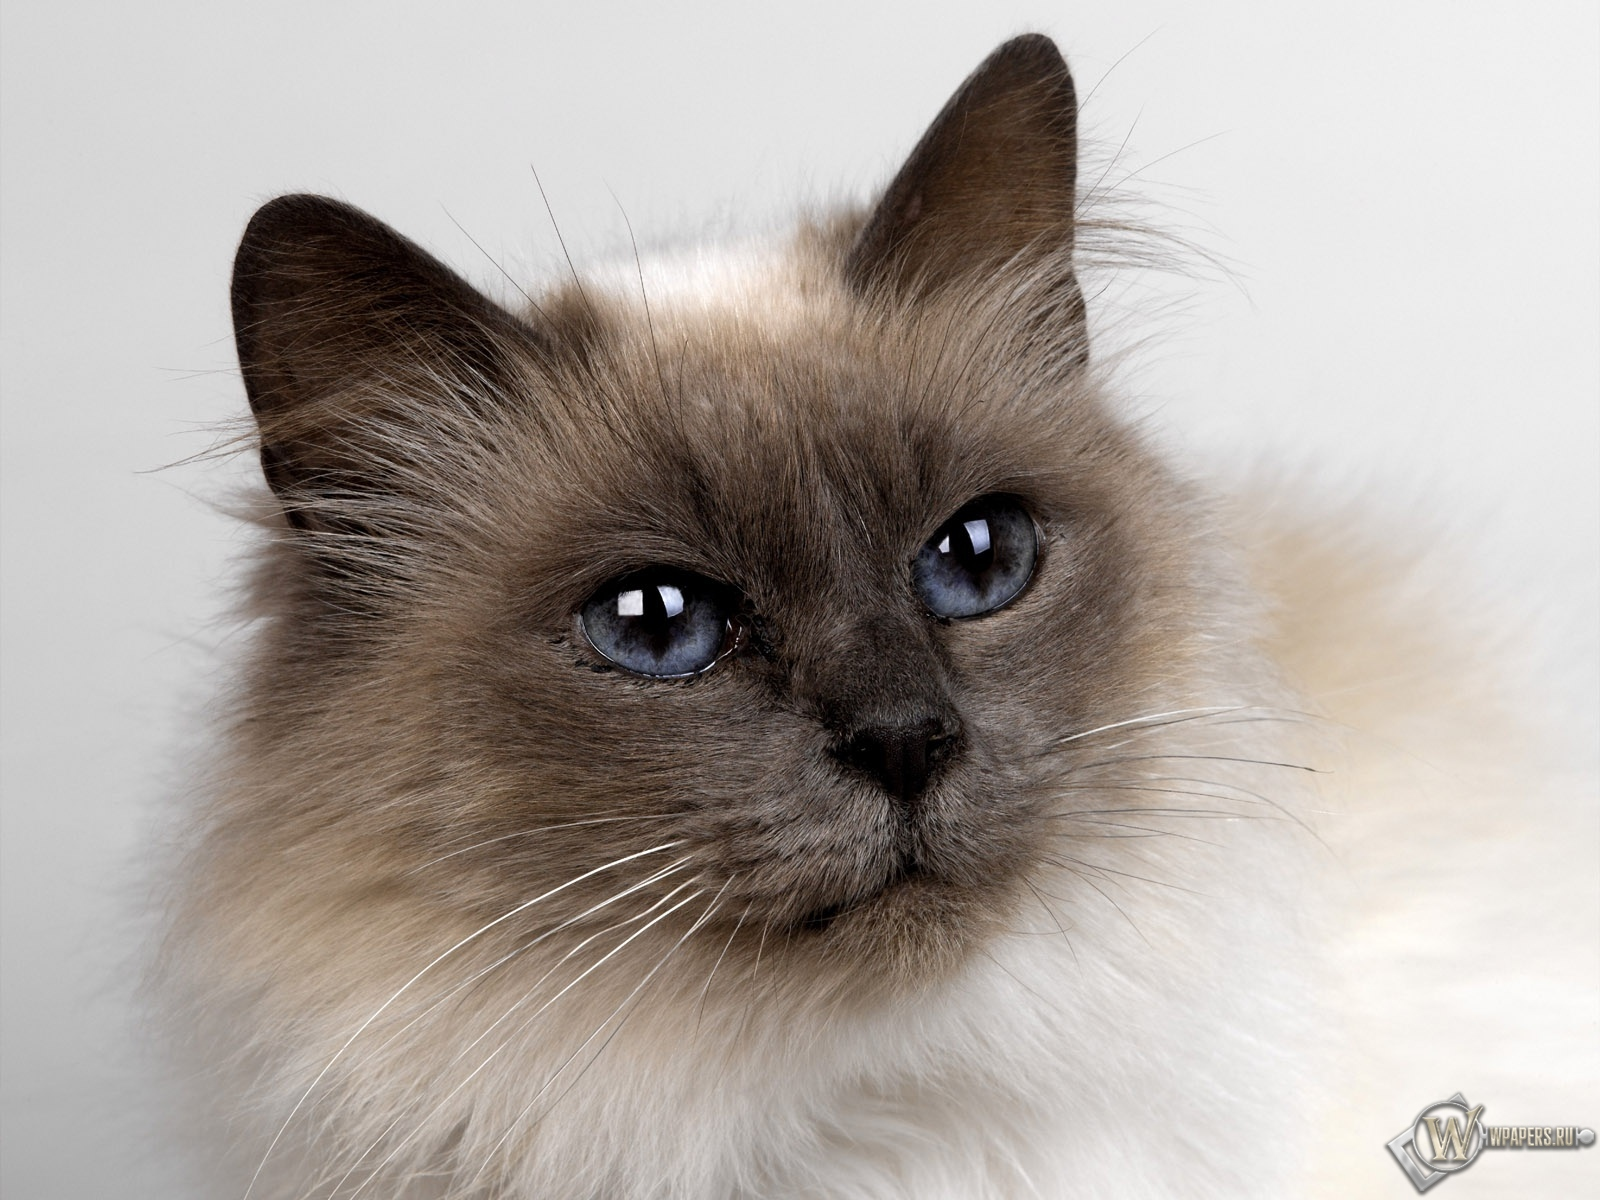 Кошачий взгляд 1600x1200